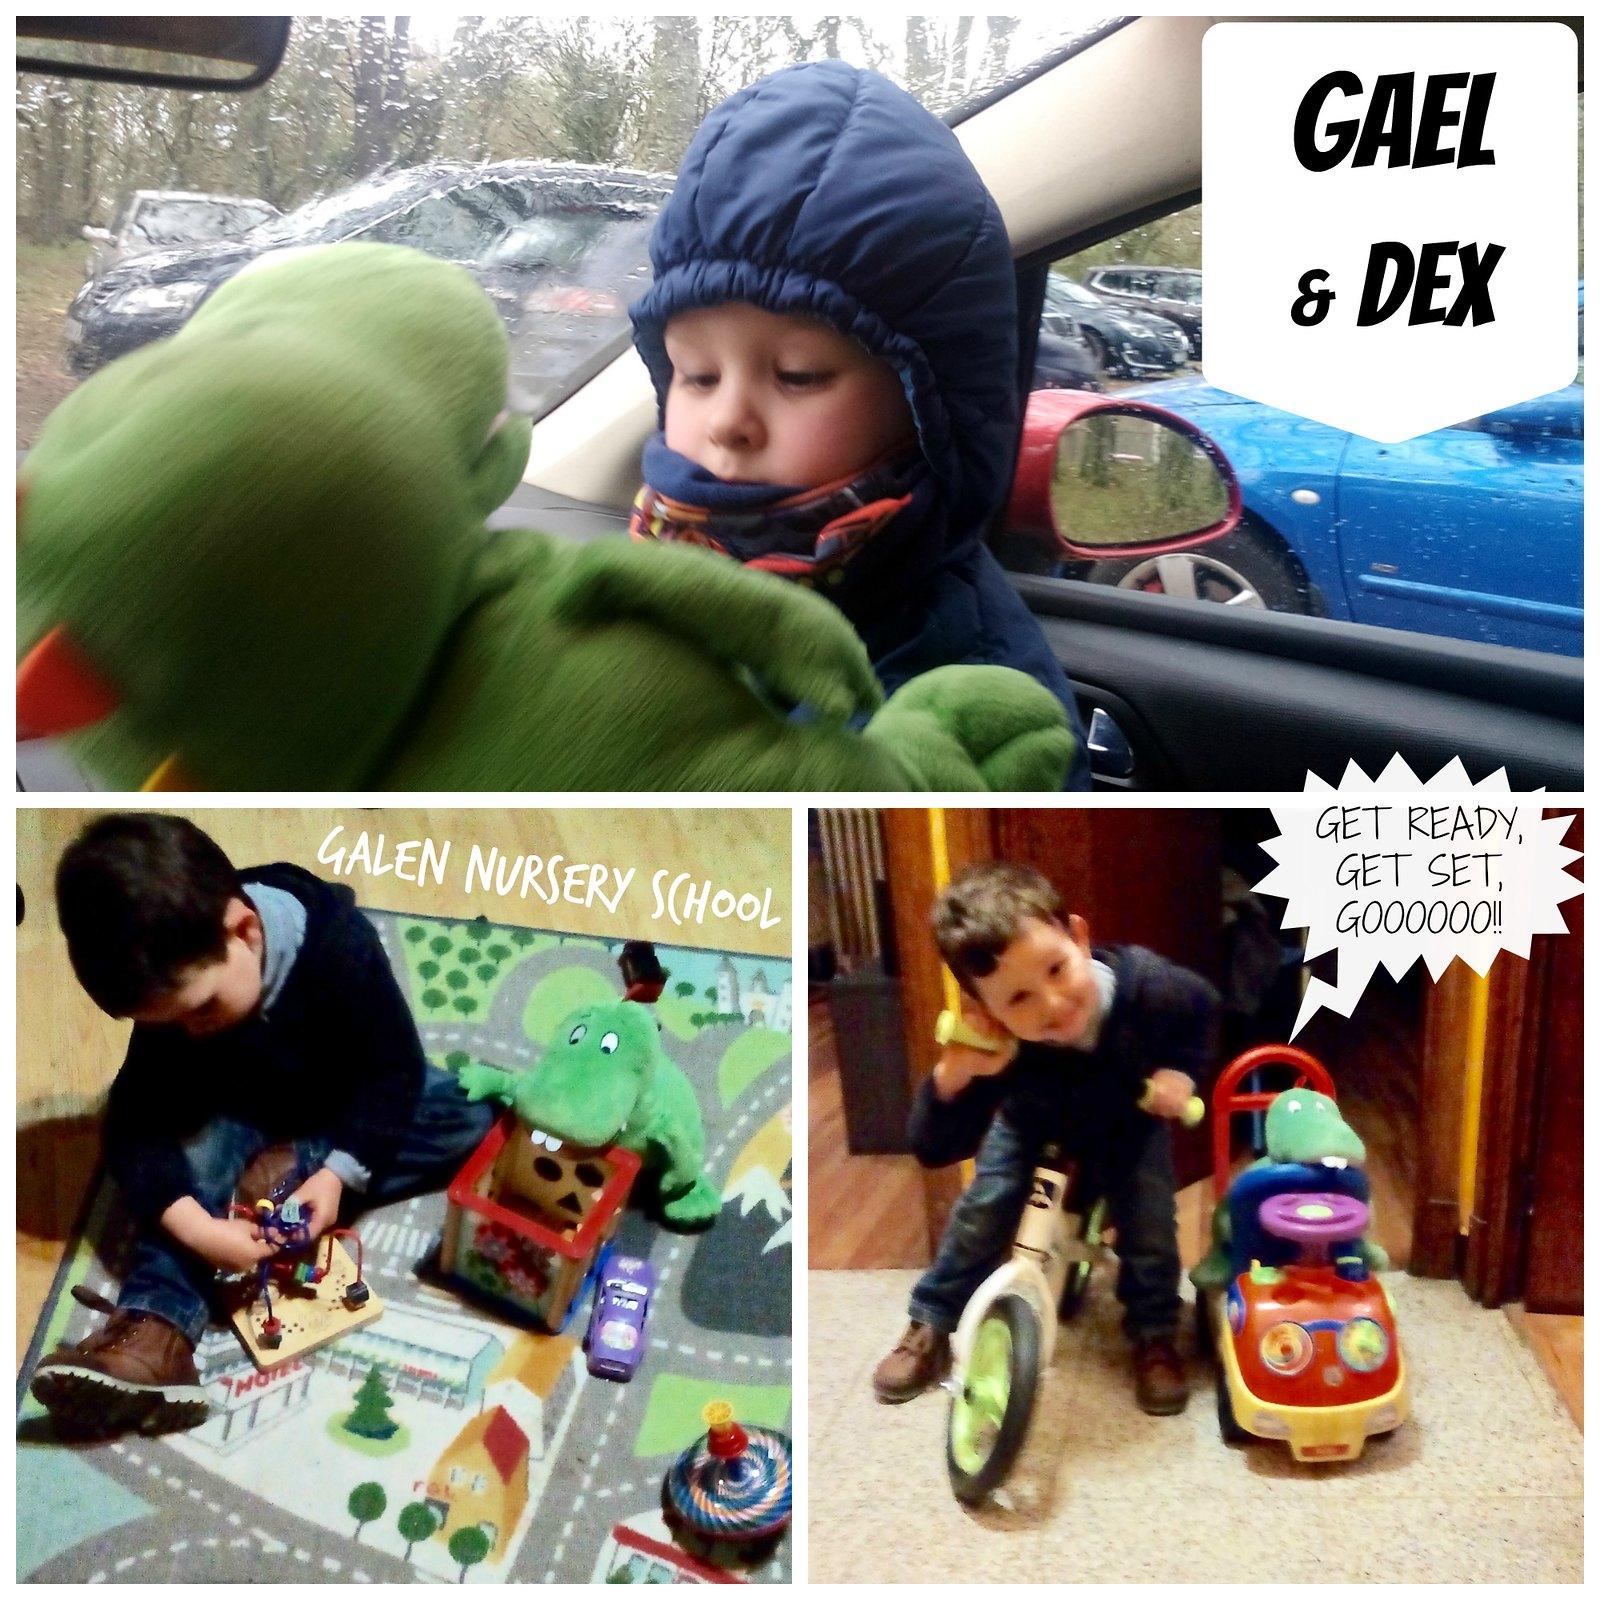 GAEL & DEX